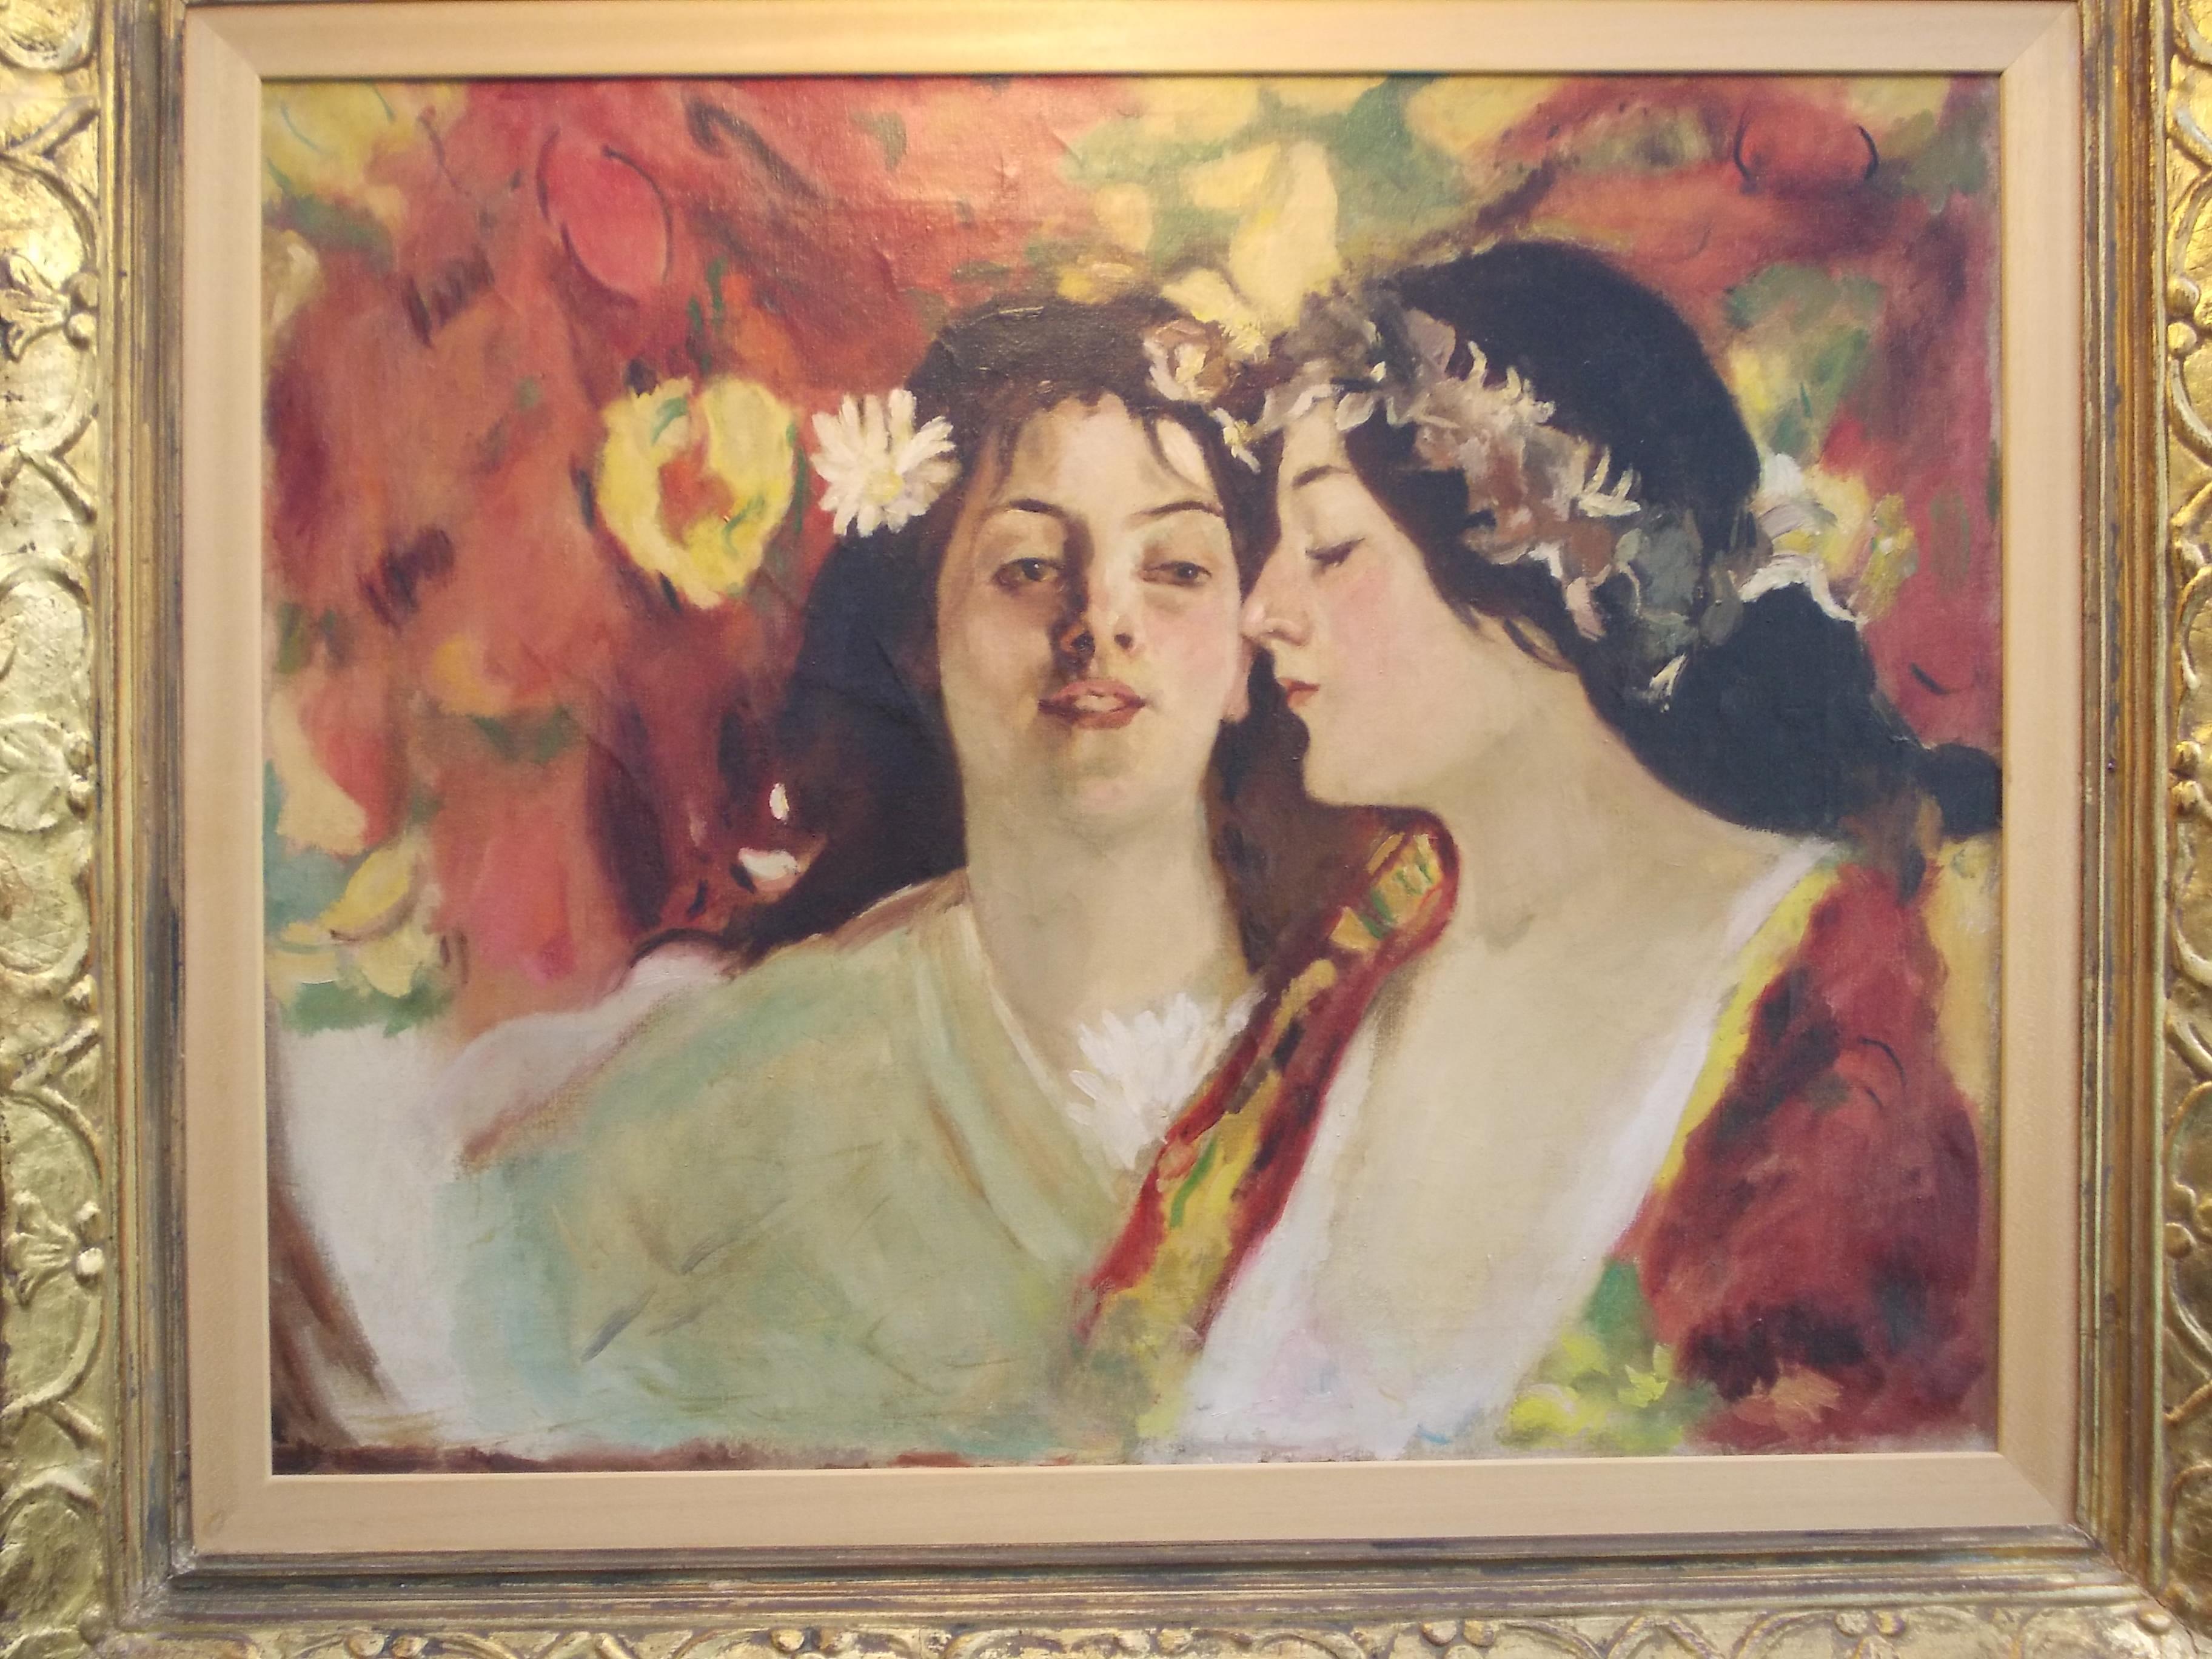 În amintirea marelui pictor Nicolae Grigorescu a fost inaugurată o casă memorială în satul său natal